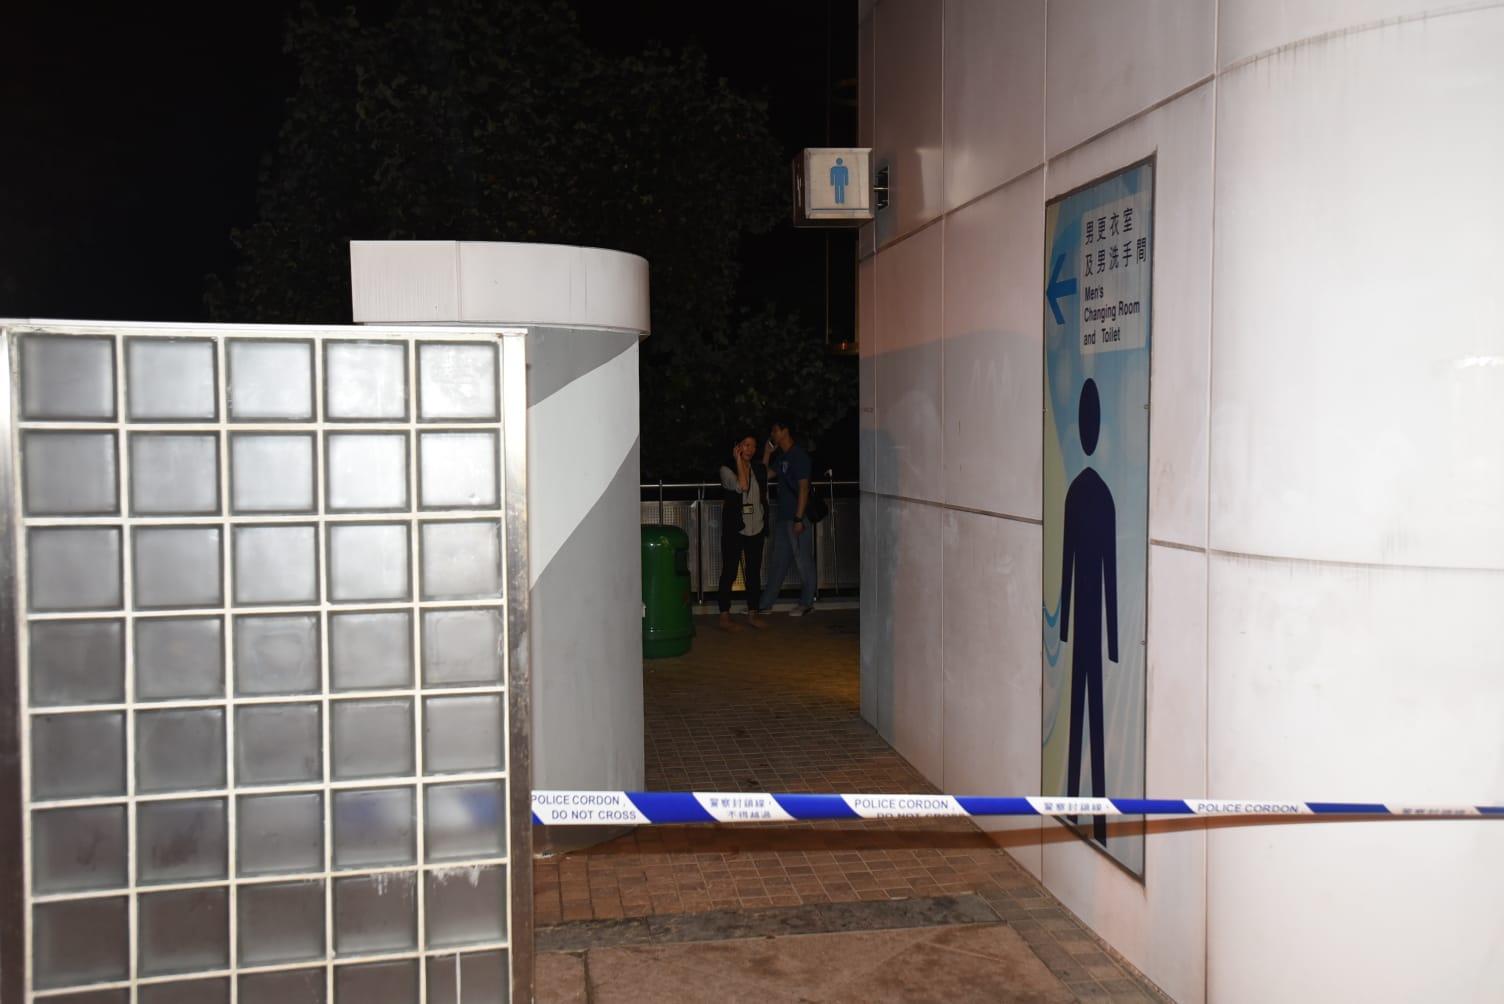 男子於公廁被捕。